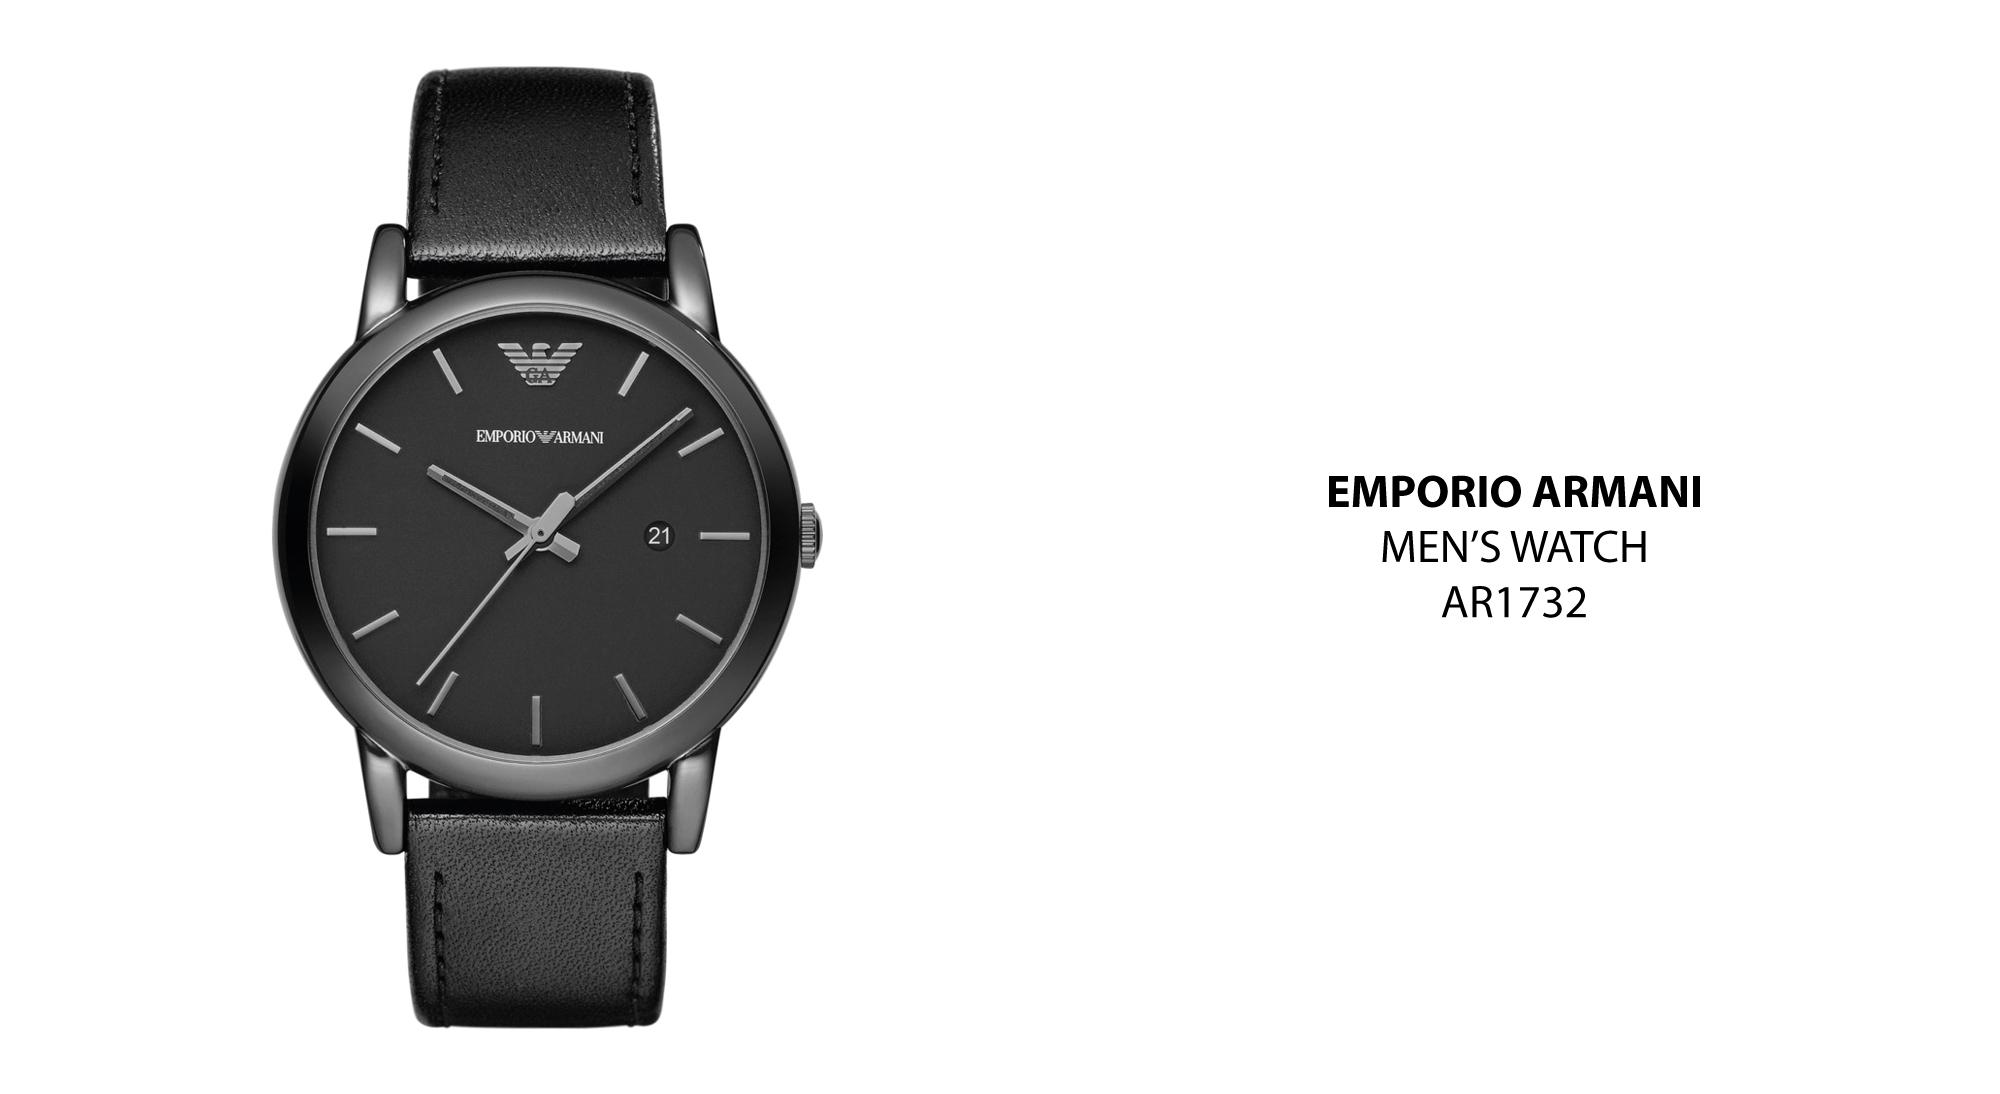 Emporio Armani AR1732